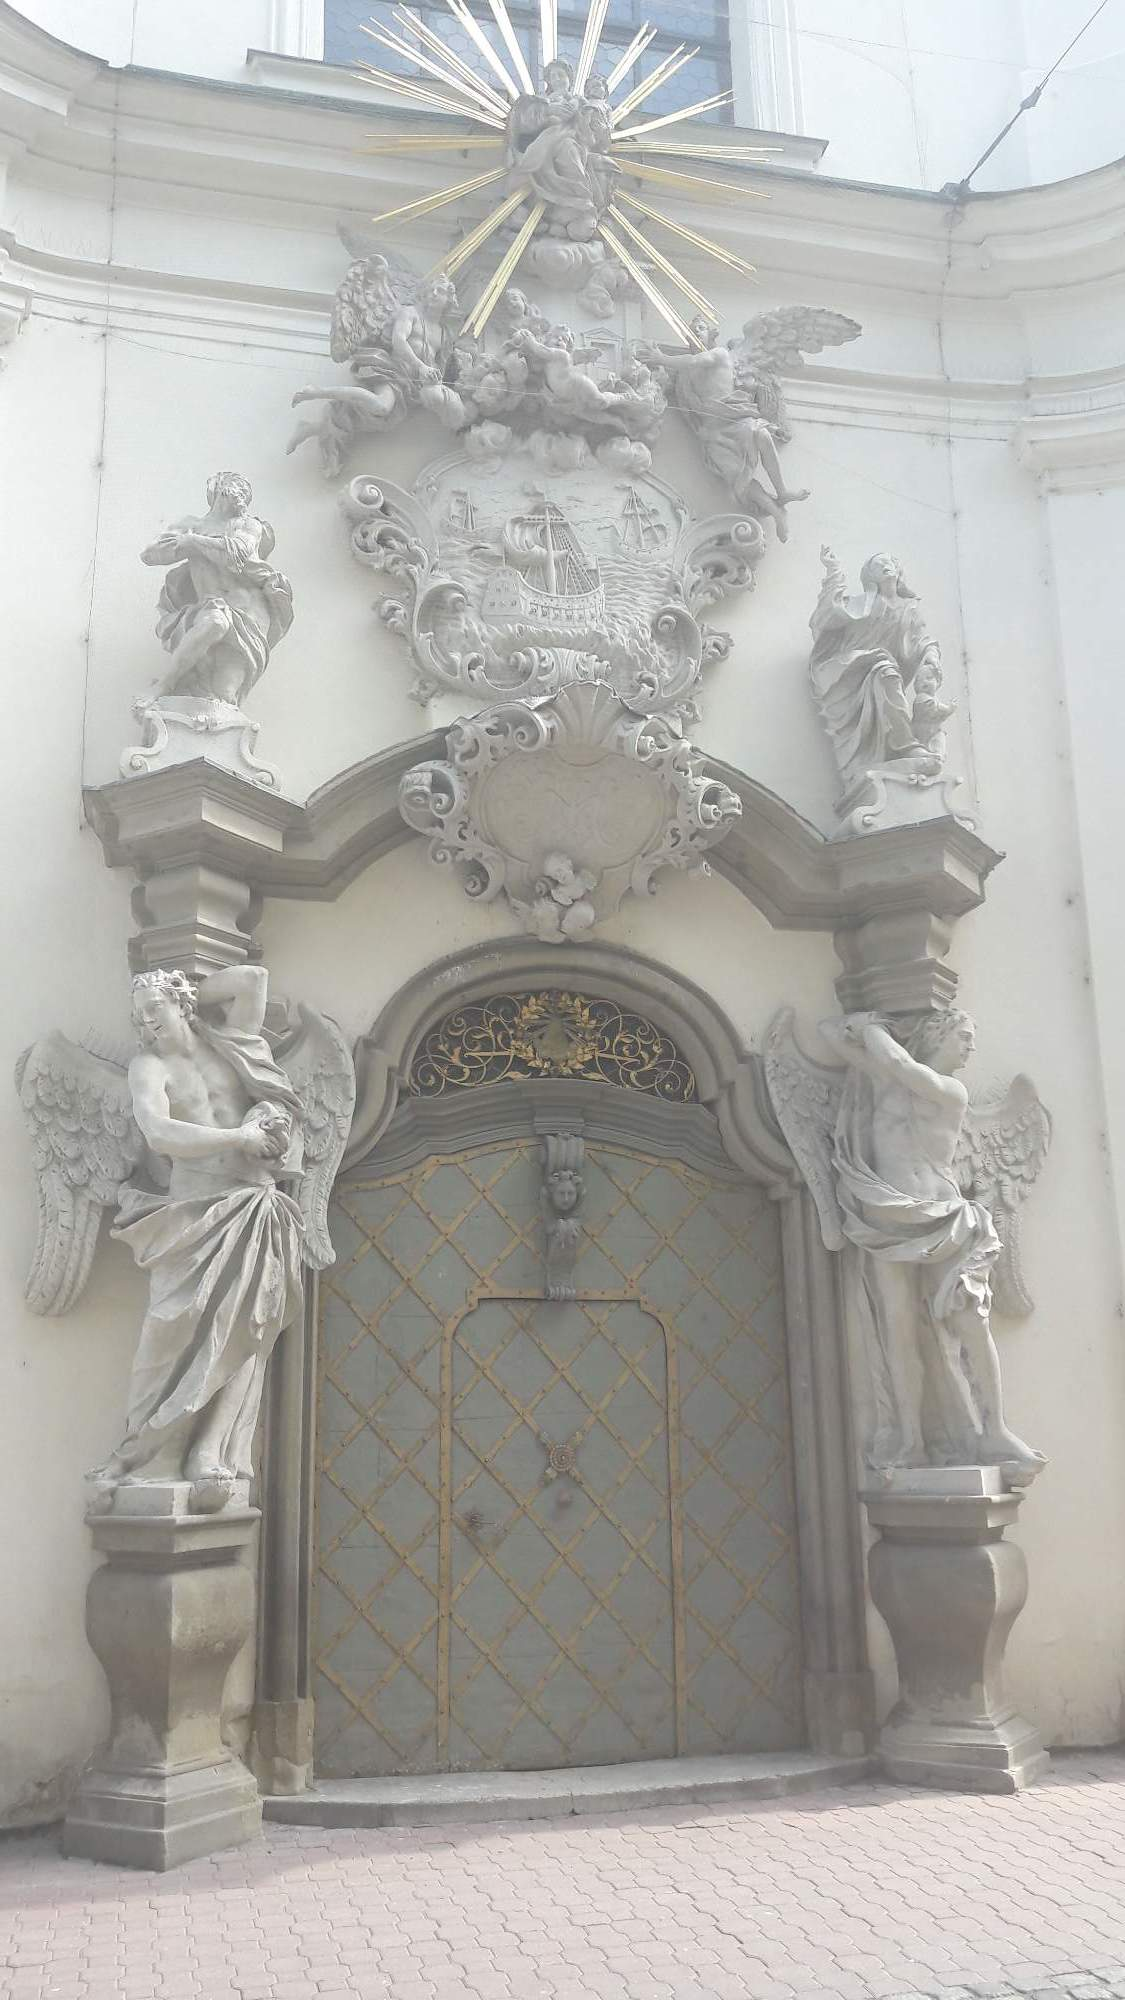 Kostel Panny Marie Loretánské se nazývá Loretou. FOTO: Tereza Hálová